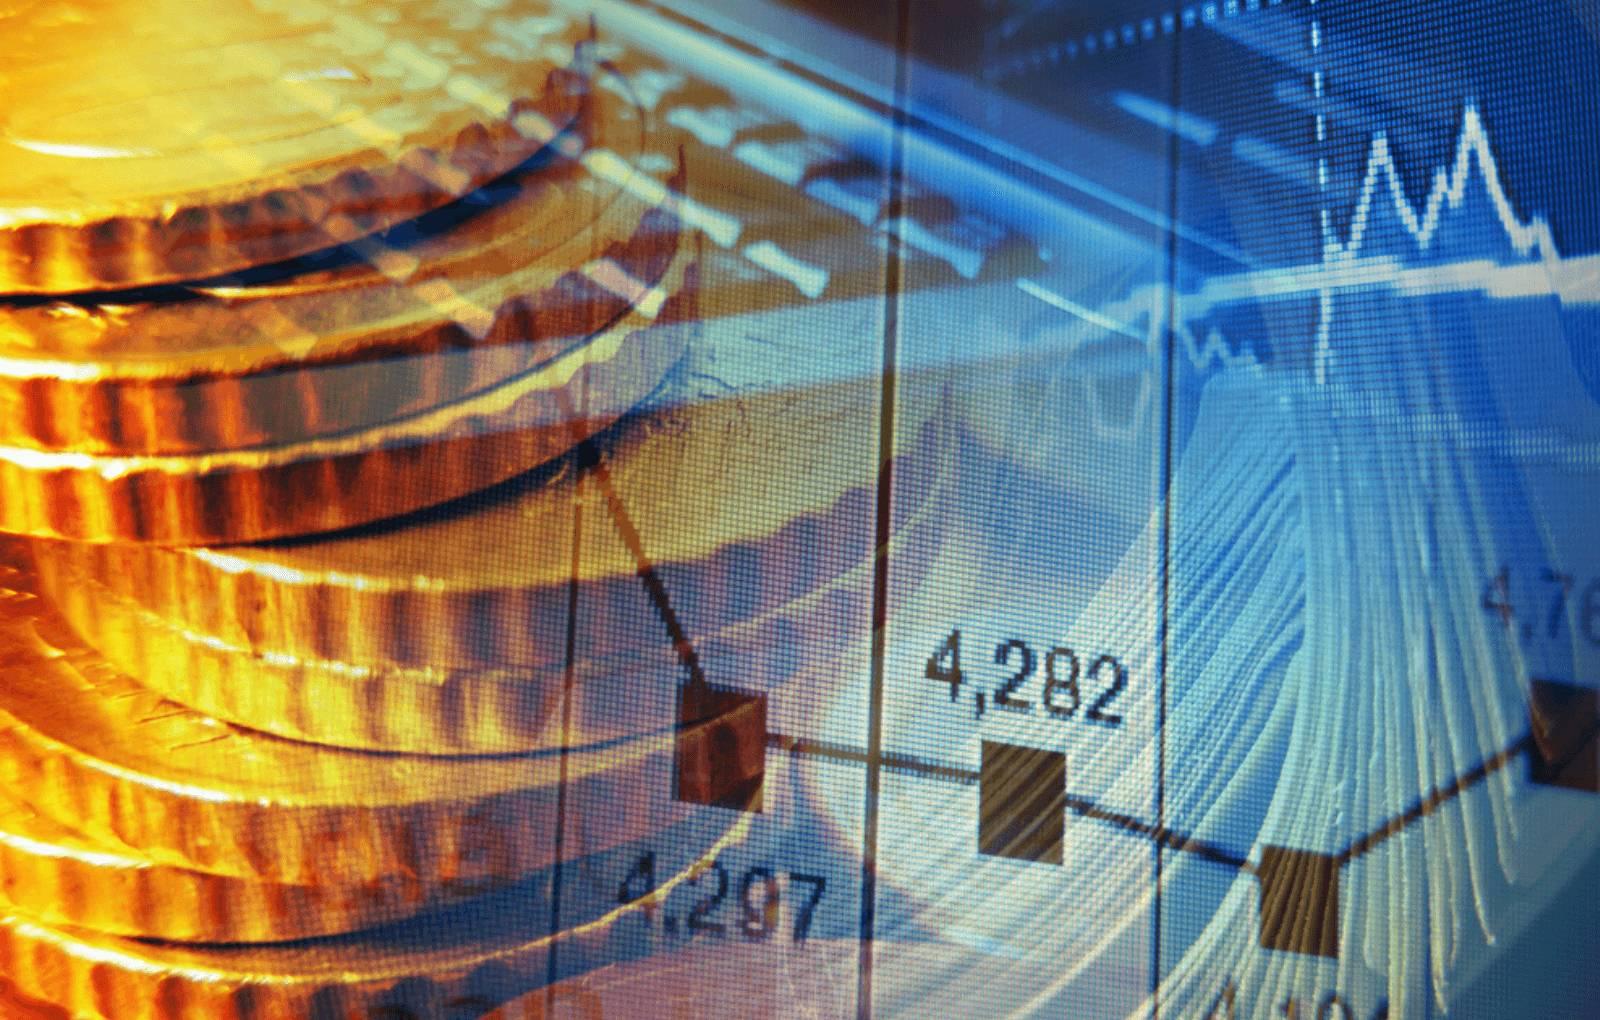 Ο χρυσός εκτοξεύεται στα ύψη καθώς οι επενδυτές στηρίζονται στην ανταπόκριση του Ιράν προς την επίθεση των ΗΠΑ